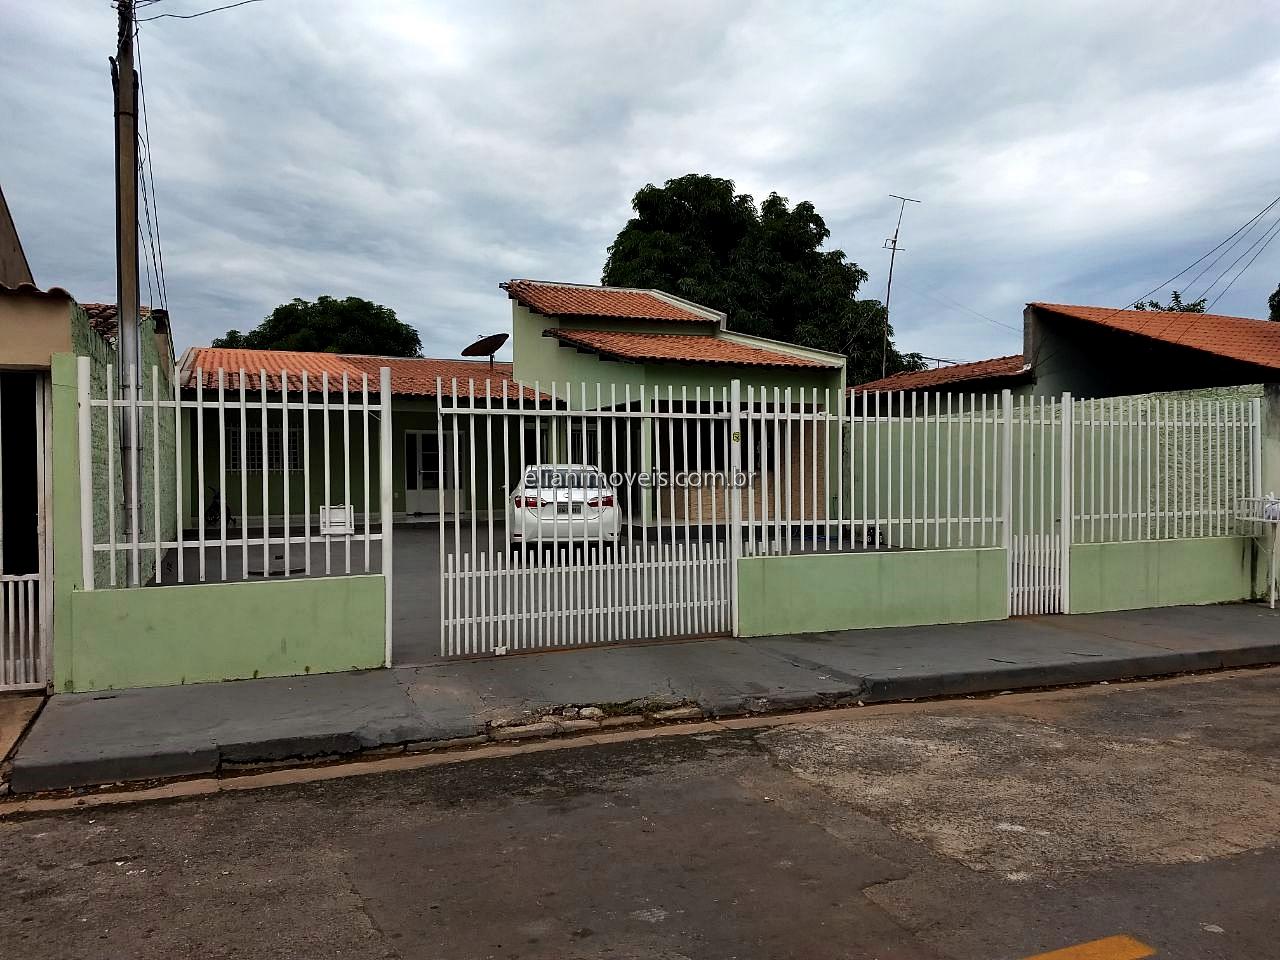 Casa  com 2 quartos no Jardim Comodoro, Cuiabá  - MT